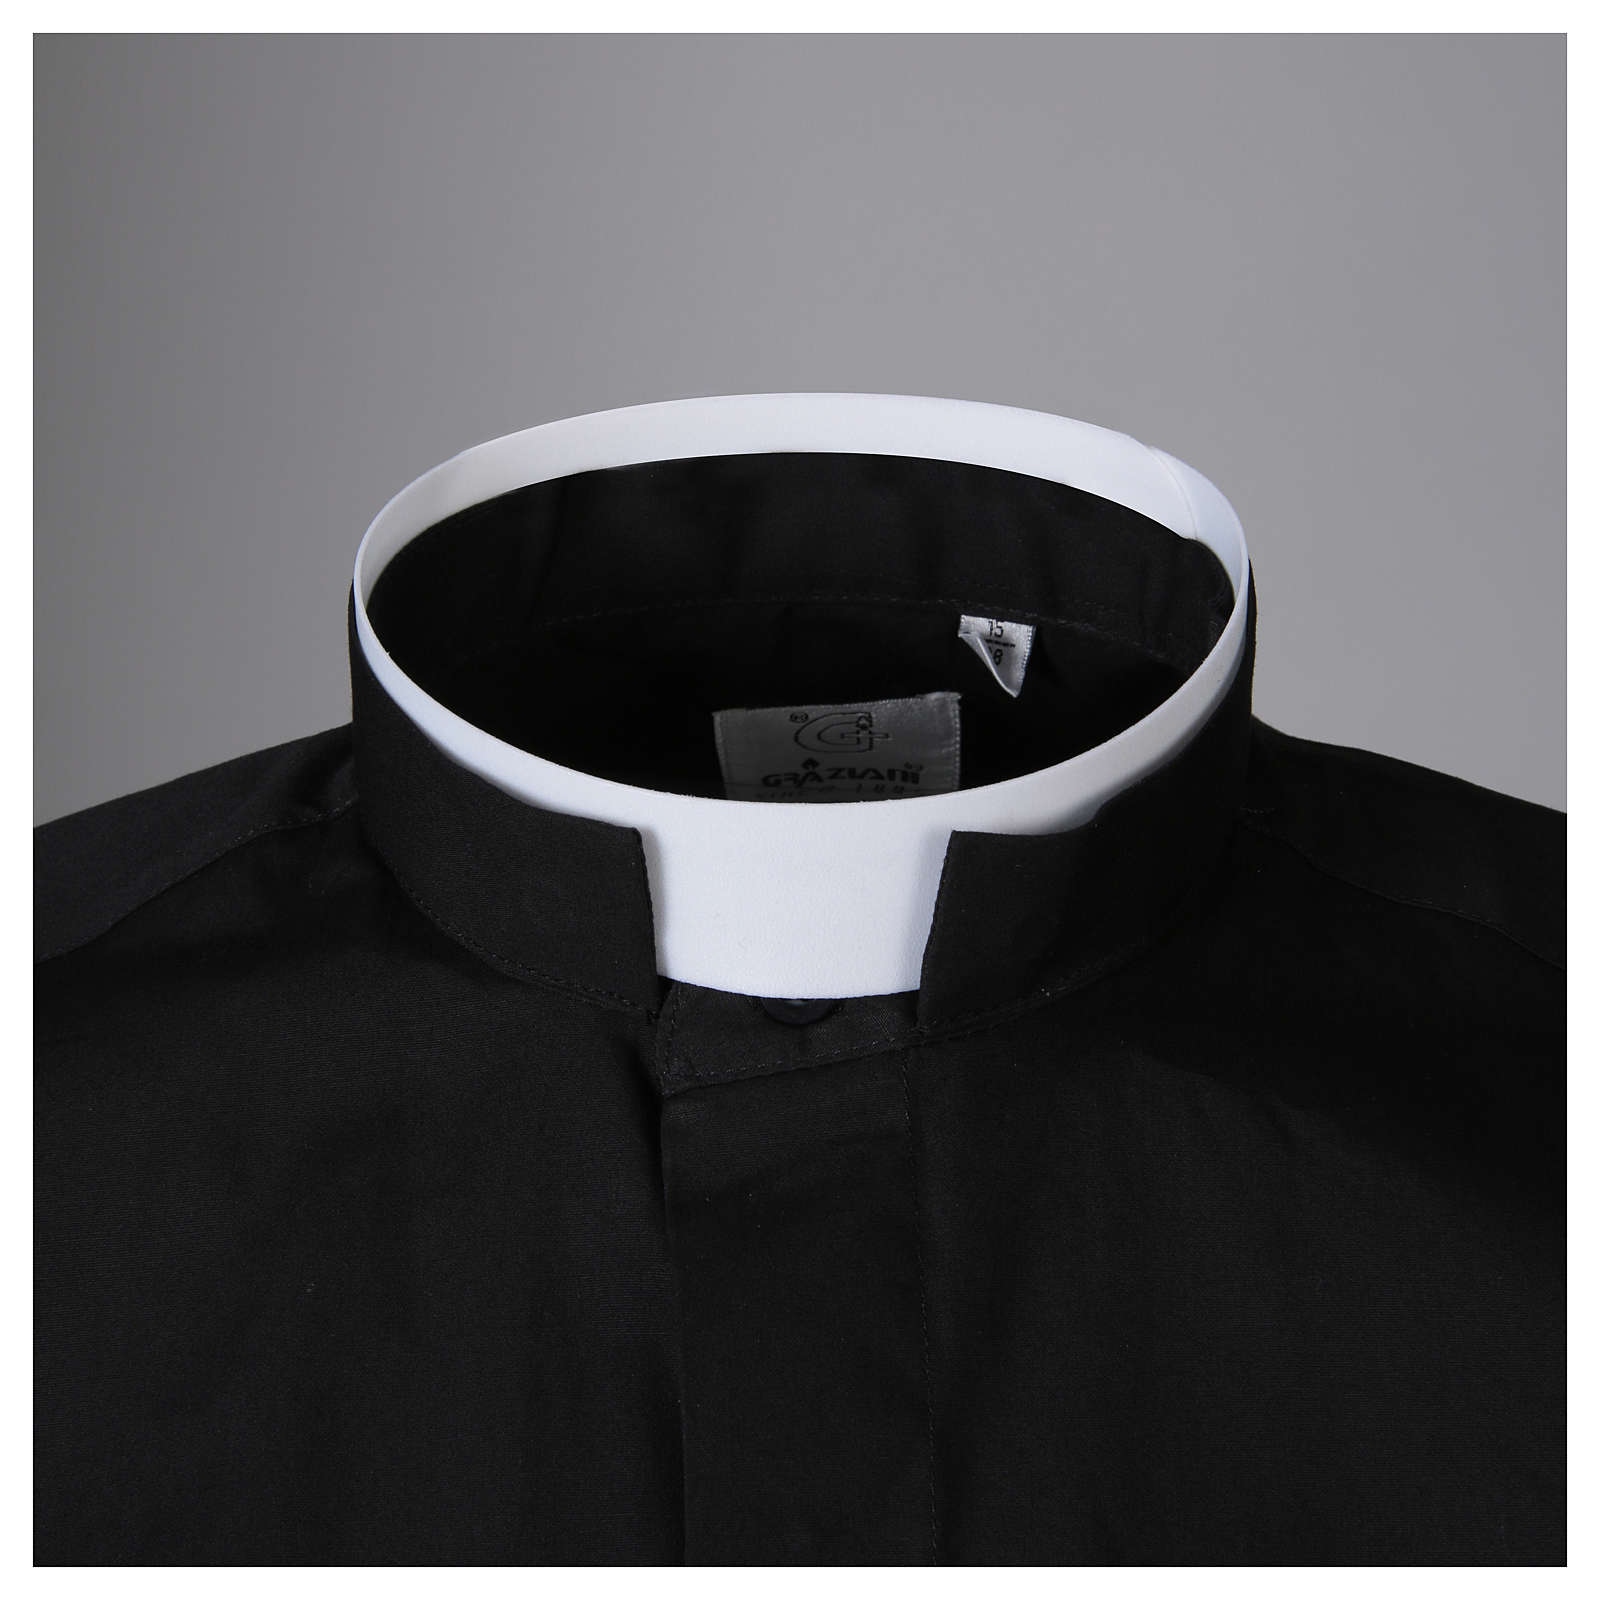 Koszula rzymska kapłańska czarna długi rękaw bawełna mieszana 4